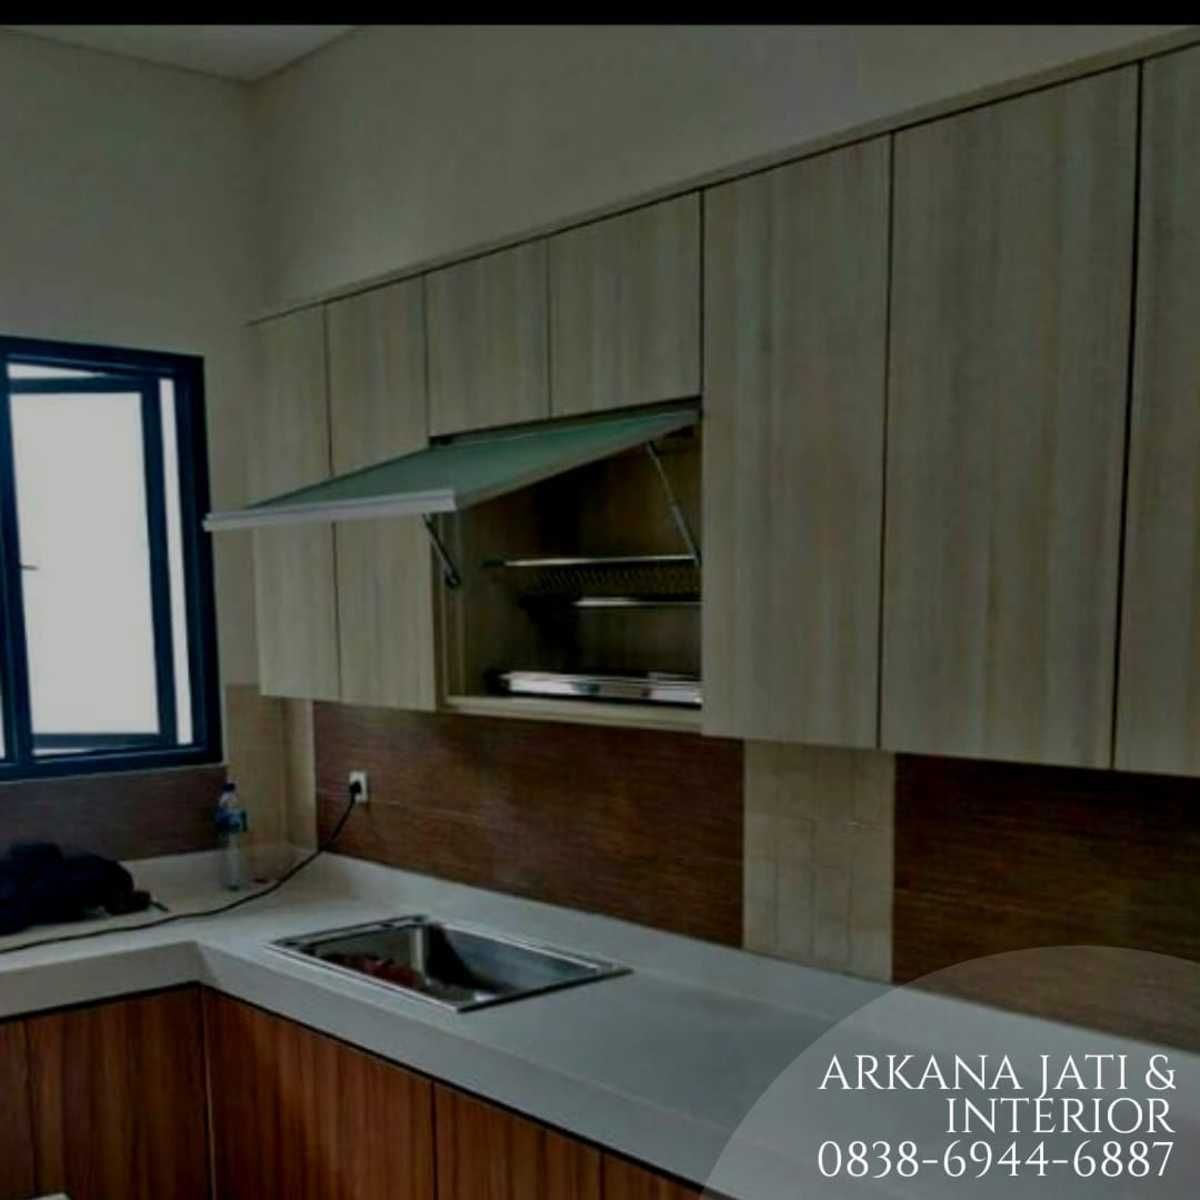 Harga Kitchen Cabinet Murah Kualitas Terbaik Ada Di Sini Interior Minimalis Rumah